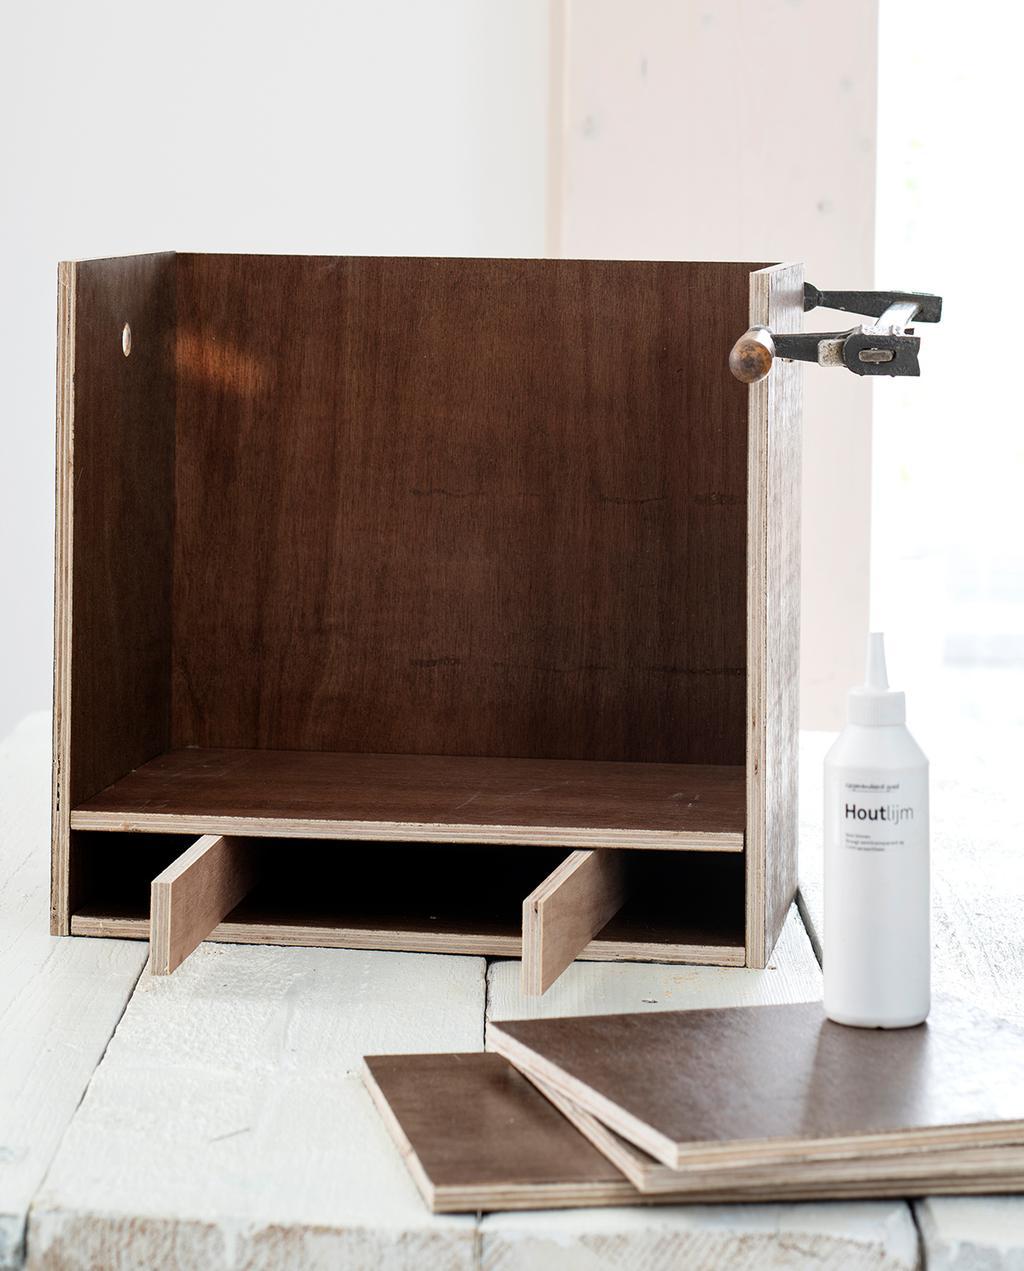 vtwonen 04-2021 | de workstation met hout en houtlijm